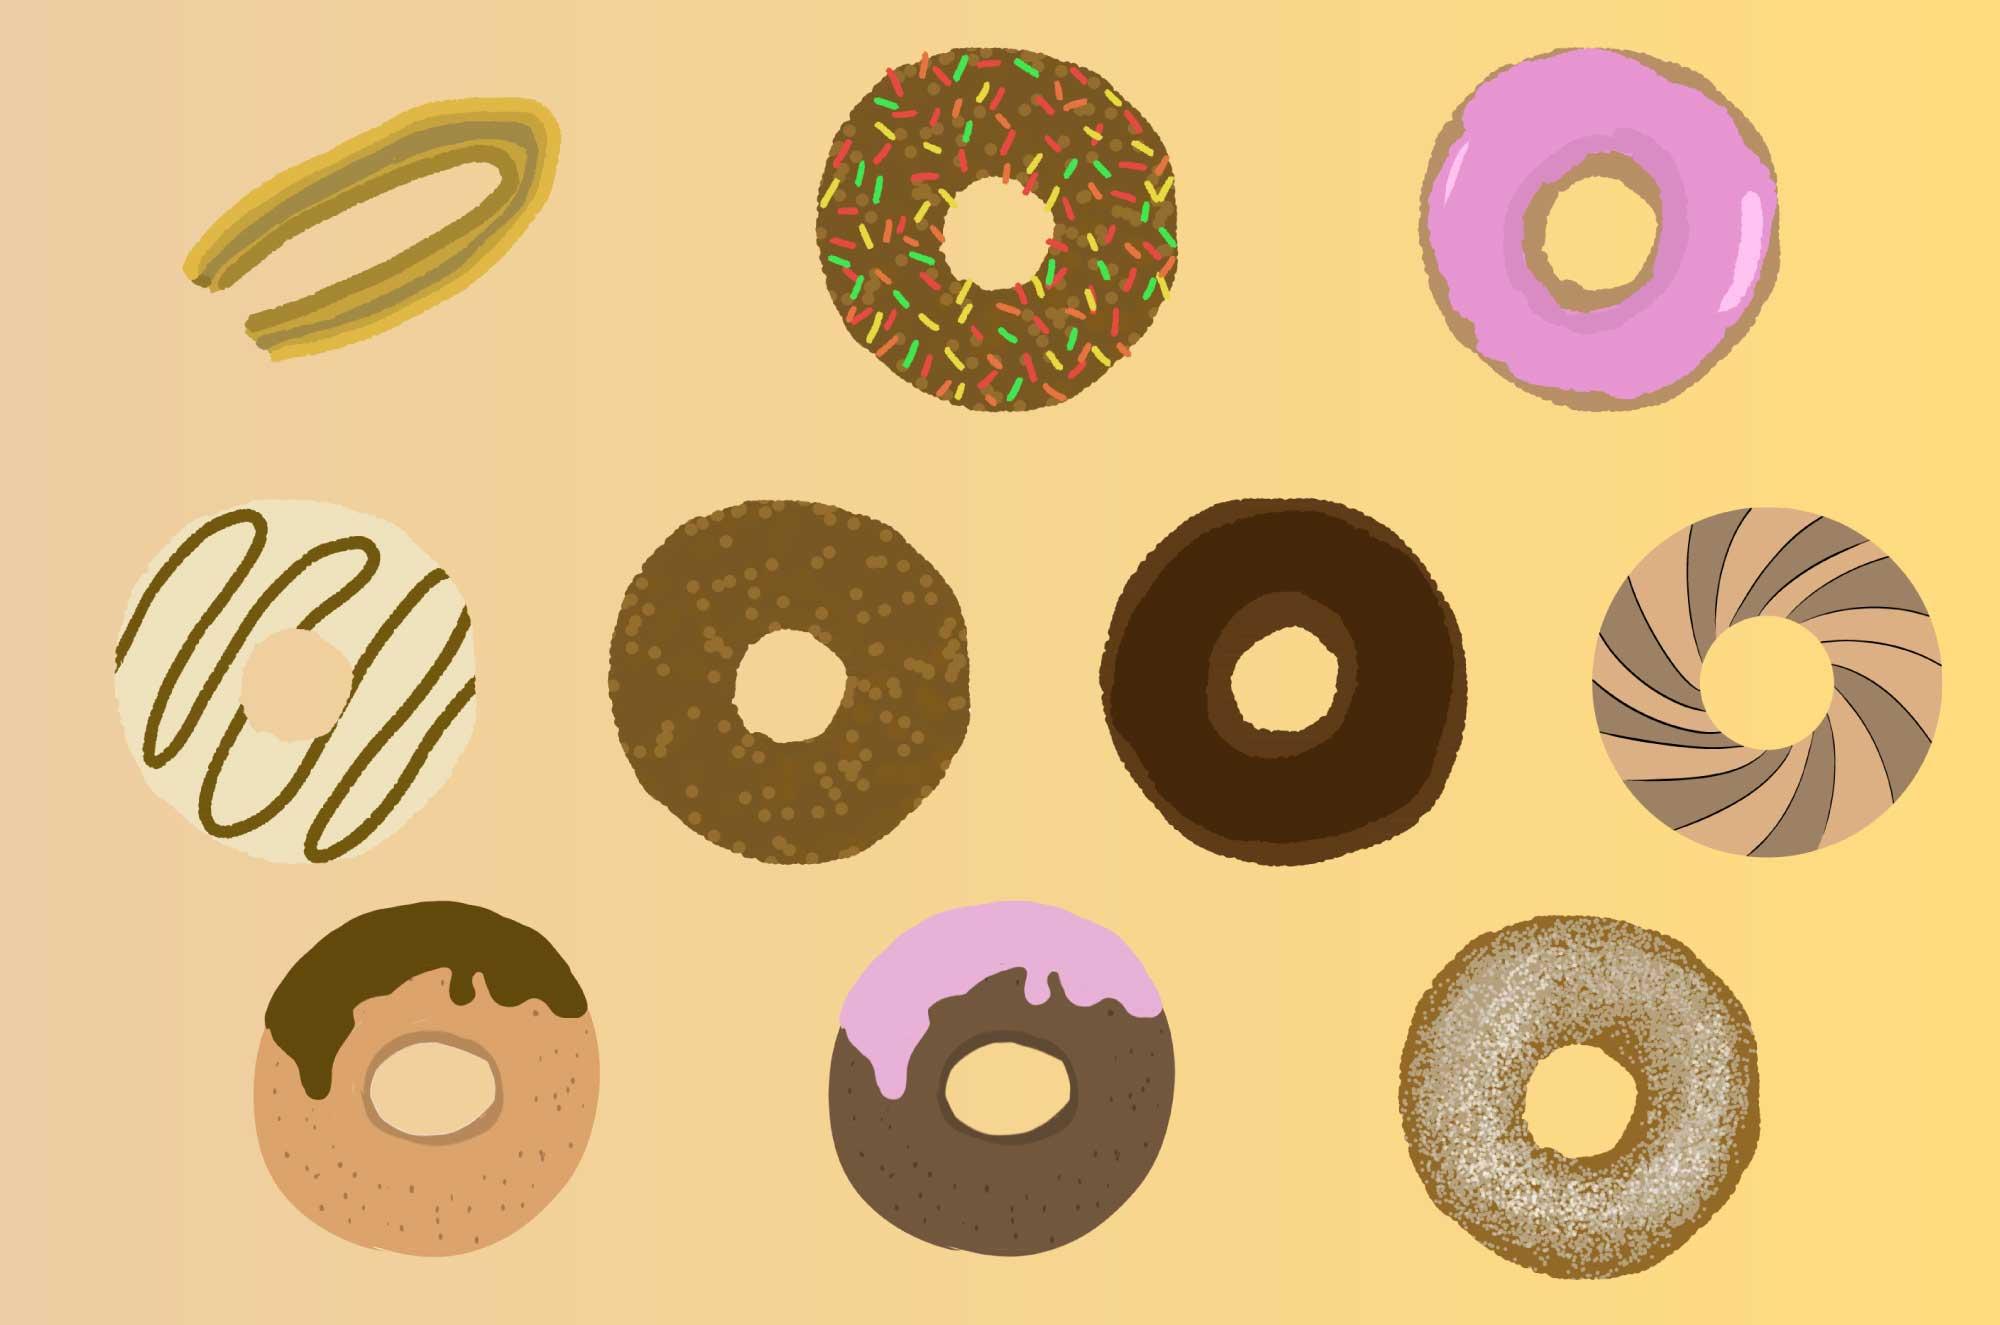 ドーナッツの無料イラスト - 甘いお菓子の食べ物素材